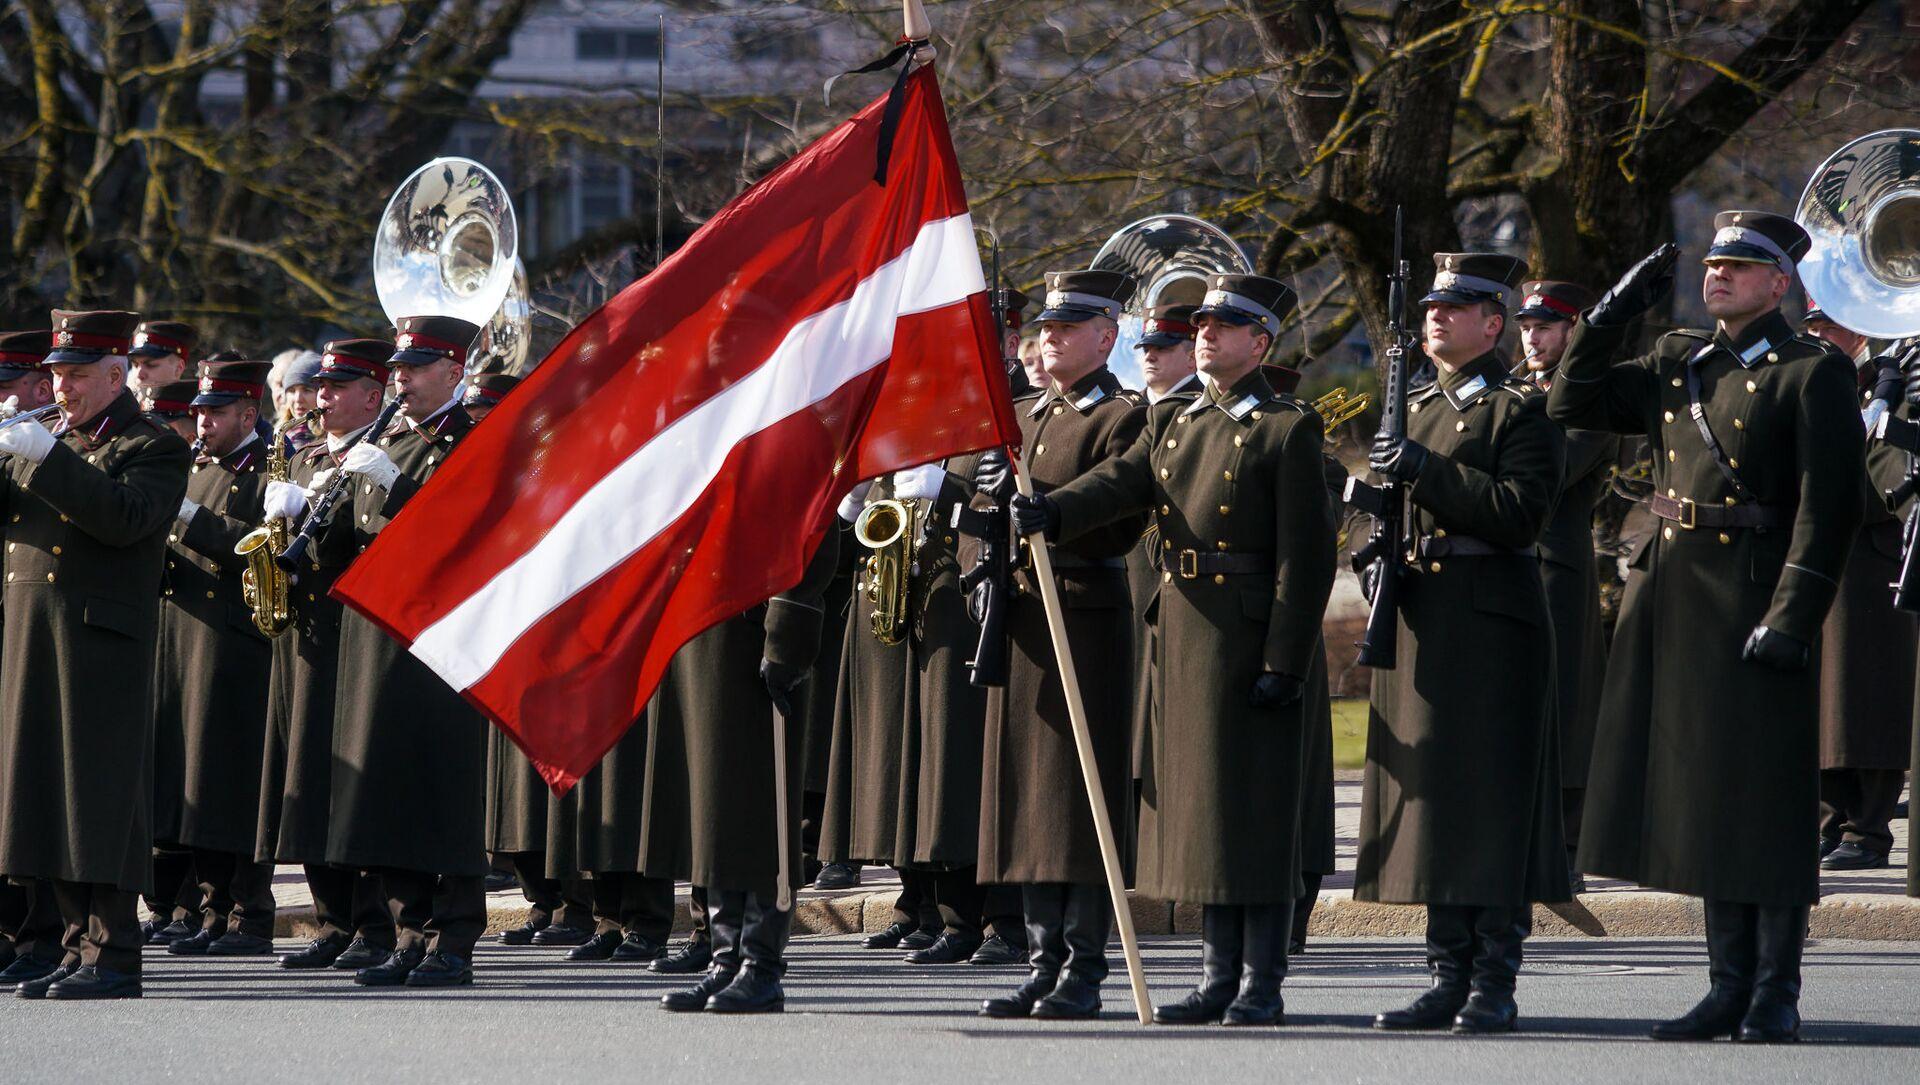 Солдаты роты почетного караула штабного батальона Национальных вооруженных сил Латвии - Sputnik Латвия, 1920, 12.04.2021